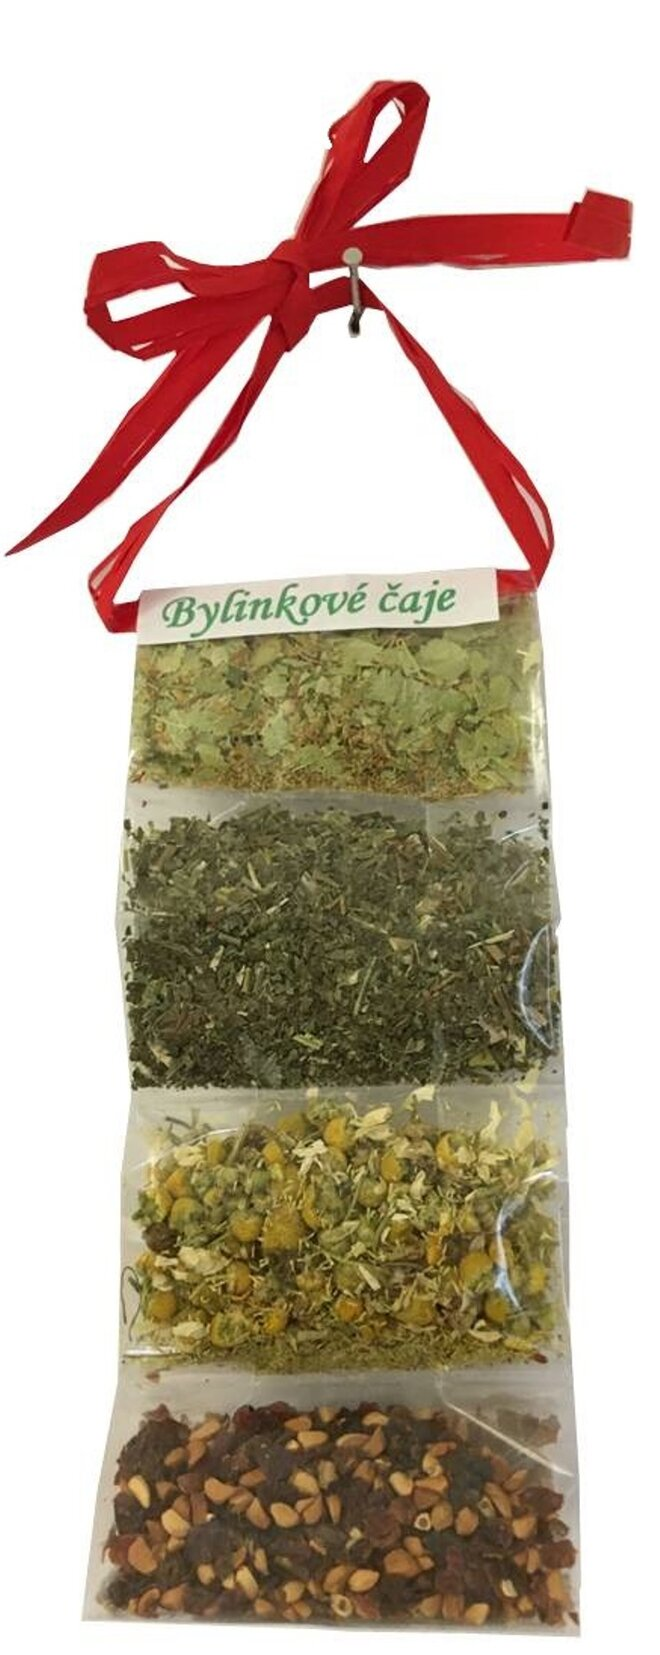 Bylinkové čaje, 35 g